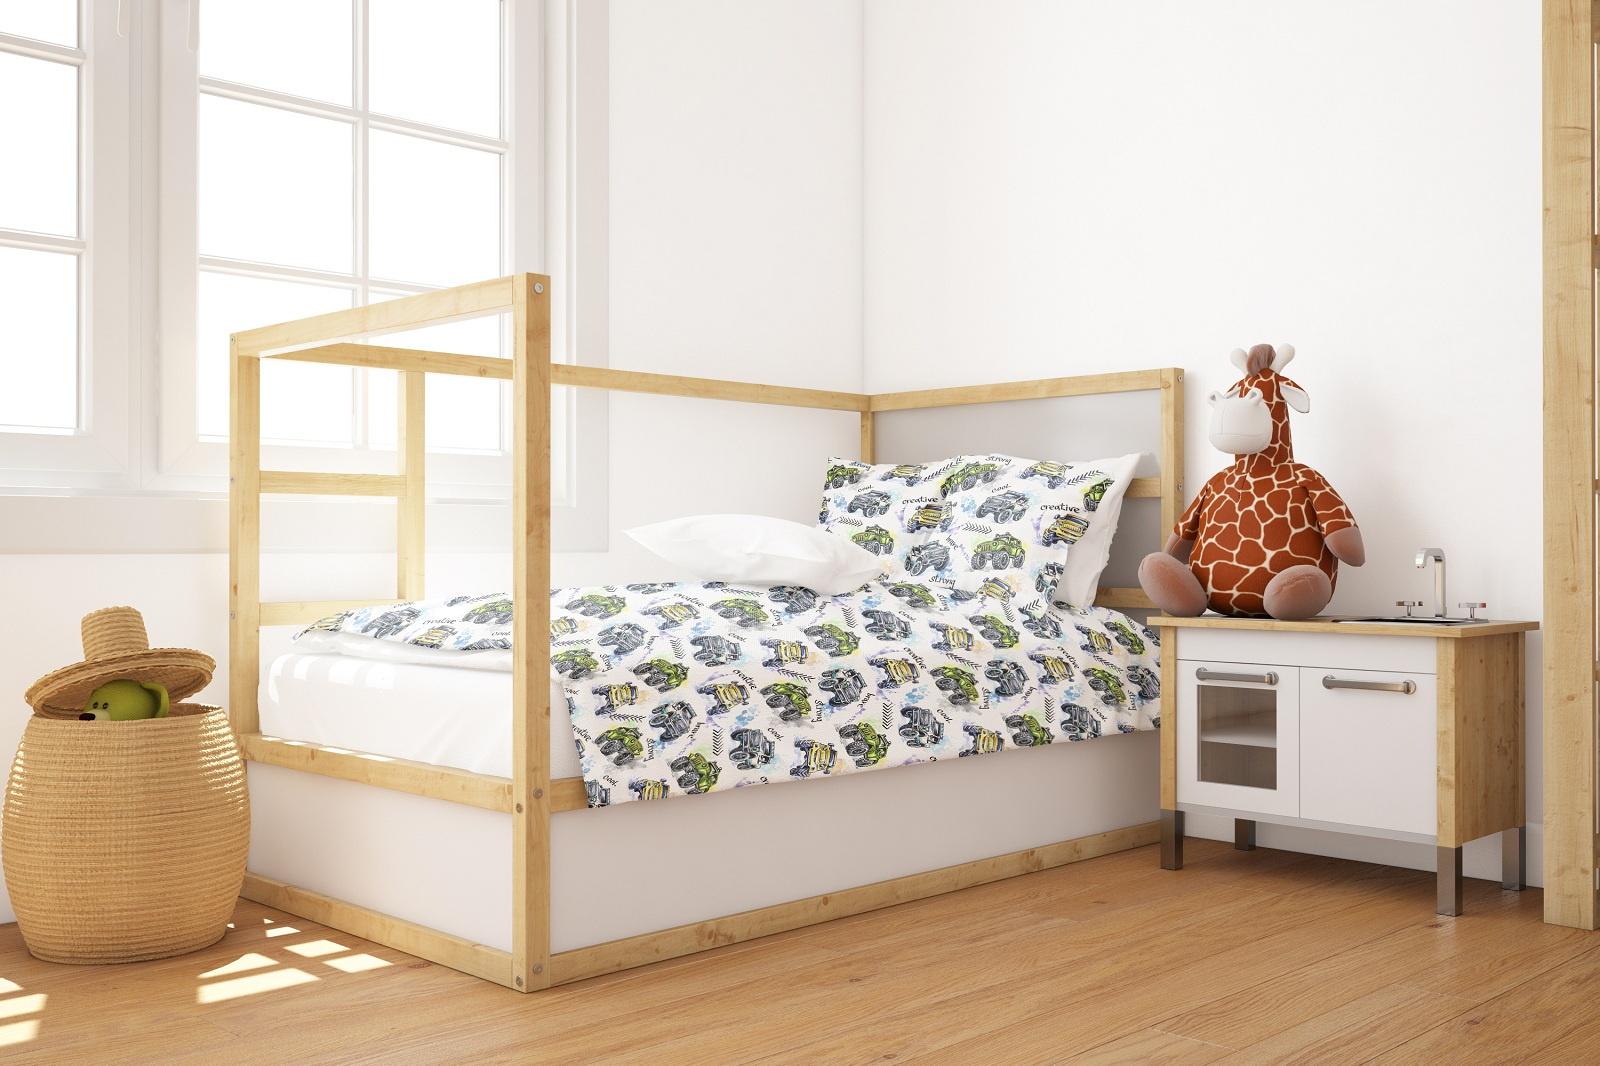 Комплект постельного белья Marengotextile Джипы, полуторный пододеяльник коллекция котик бязь 1 5 спальный 150х210 см